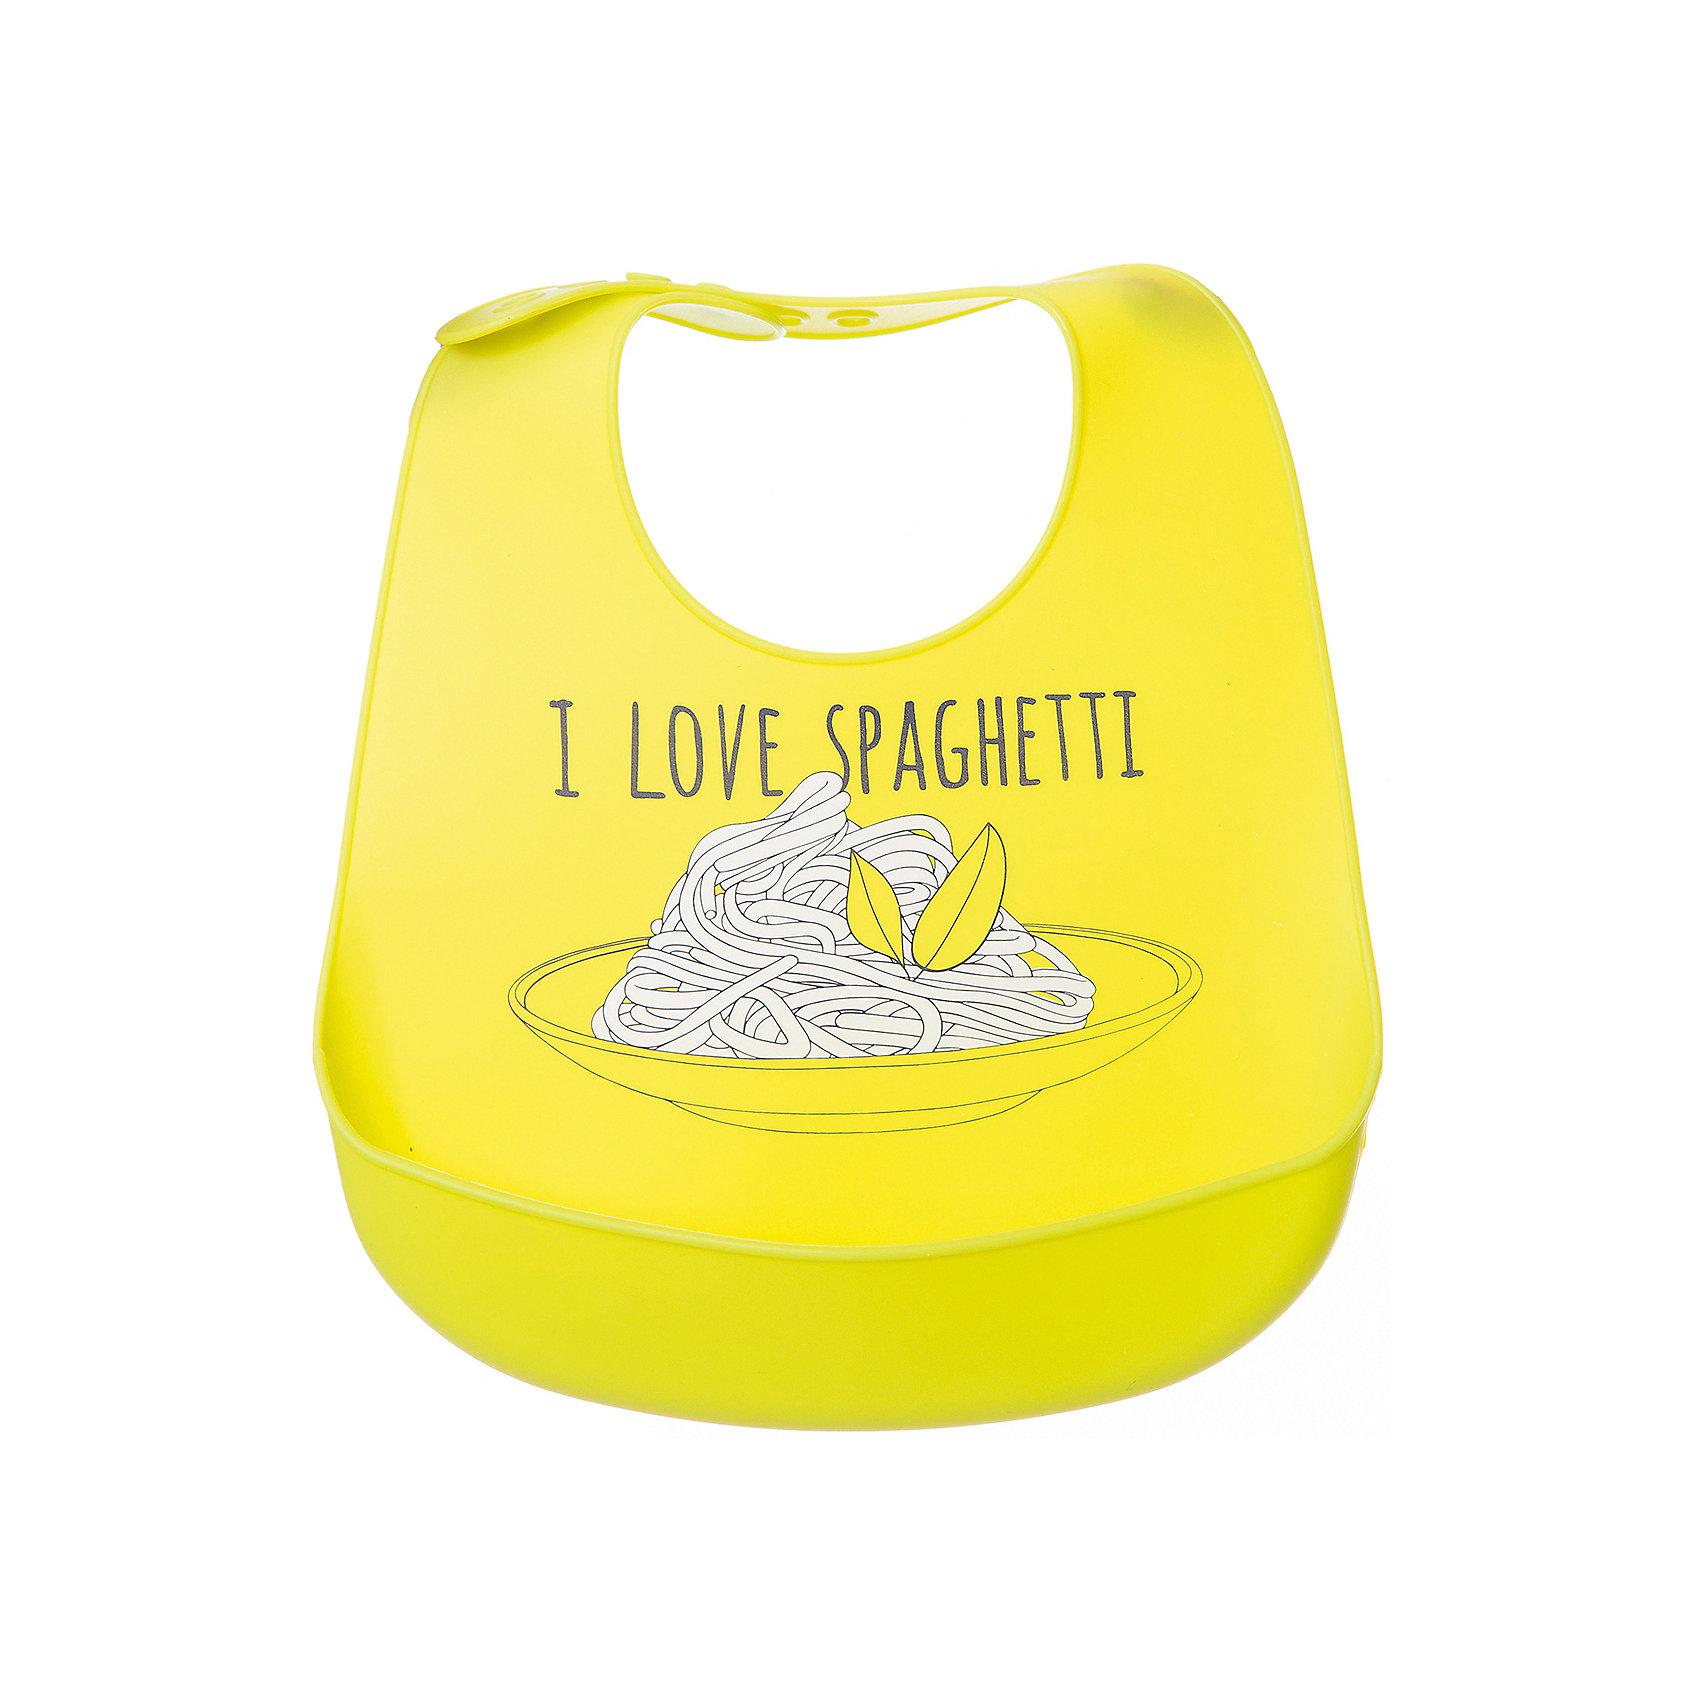 Нагрудник силиконовый мягкий Bib Pocket, Happy Baby, лаймНагрудник силиконовый мягкий Bib Pocket, Happy Baby, лайм – это практичный нагрудник с веселым дизайном.<br>Мягкий силиконовый нагрудник с карманом — незаменимая вещь при кормлении малыша. Максимум комфорта для ребёнка и минимум уборки для мамы. Компактный и удобный в использовании для дома, детского сада, поездок, прогулок. Он компактно сворачивается и легко помещается в любую сумку. Не требует стирки. Нагрудник достаточно протереть тряпочкой или салфеткой. Кармашек для улавливания пролитой еды отлично защищает одежду от загрязнений. У нагрудника Bib Pocket удобная регулируемая застежка с надежной фиксацией. С ним приём пищи станет комфортнее и удобнее.<br><br>Дополнительная информация:<br><br>- Возраст: от 6 месяцев<br>- Материал: силикон<br>- Цвет: лайм<br><br>Нагрудник силиконовый мягкий Bib Pocket, Happy Baby, лайм можно купить в нашем интернет-магазине.<br><br>Ширина мм: 230<br>Глубина мм: 400<br>Высота мм: 50<br>Вес г: 200<br>Возраст от месяцев: 0<br>Возраст до месяцев: 36<br>Пол: Унисекс<br>Возраст: Детский<br>SKU: 4047268